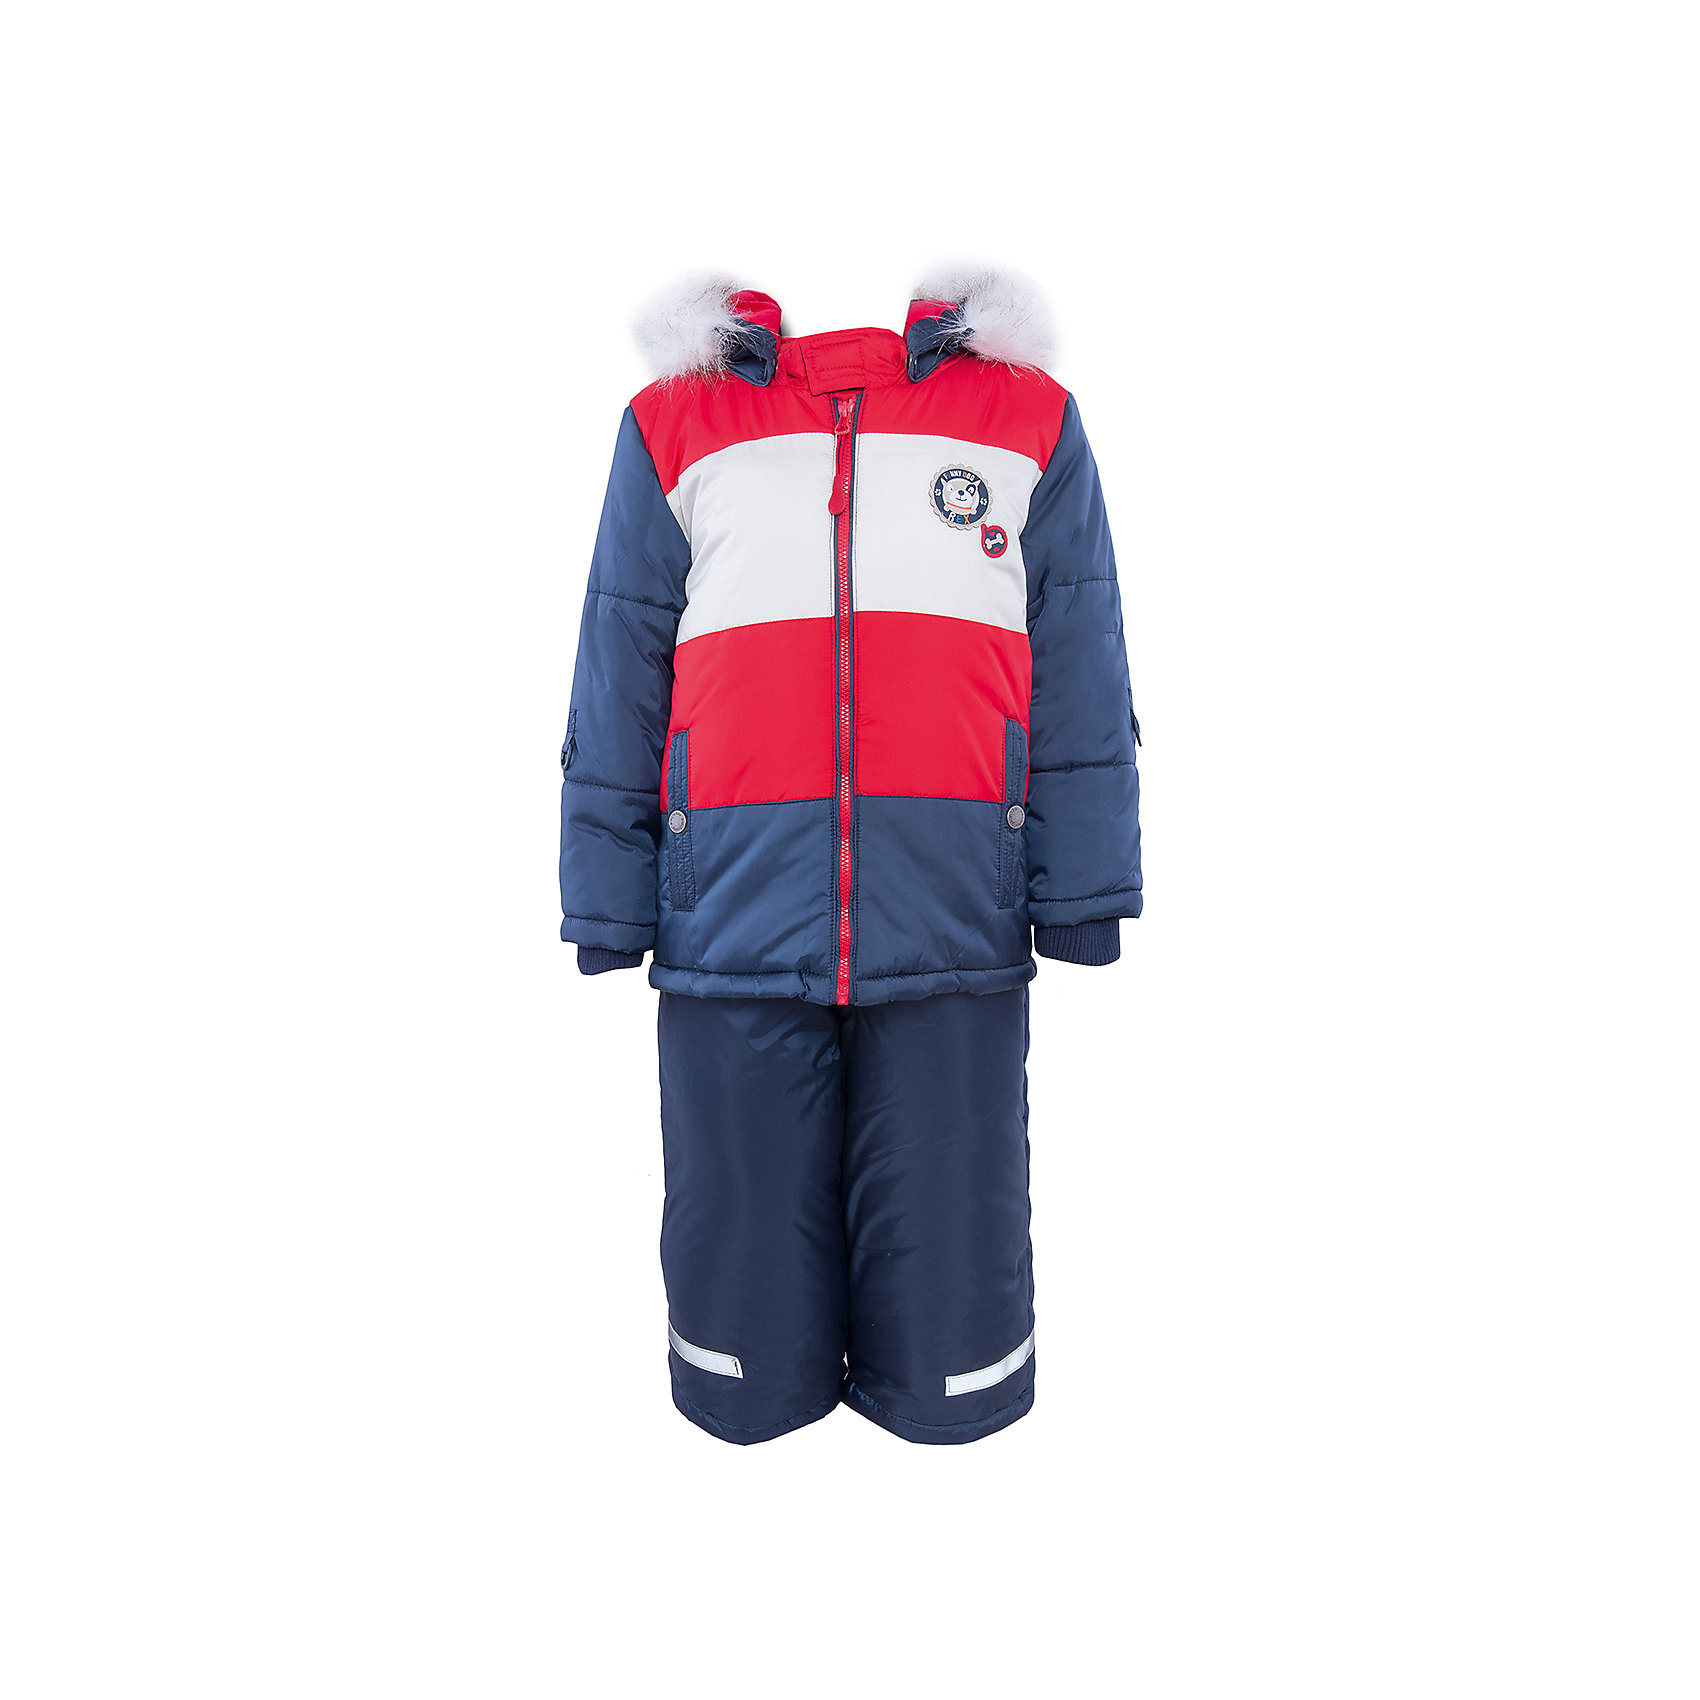 Комплект: куртка и полукомбинезон для мальчика PlayTodayКомплекты<br>Комплект: куртка и полукомбинезон для мальчика от известного бренда PlayToday.<br>Теплый комплект из стеганой куртки и полукомбинезона. <br>Куртка застегивается на молнию. Внутри уютная велюровая подкладка. Рукава на мягкой трикотажной резинке для защиты от ветра. Есть два функциональных кармана на кнопках и светоотражатели. Внизу есть специальная вставка на резинке, пристегнув которую вы надежно защитите малыша от снега.<br>Полукомбинезон застегивается на молнию. Бретели регулируются по длине, низ штанишек утягивается стопперами. Внутри мягкая велюровая подкладка.  Двойной низ - с<br>Состав:<br>Верх: 100% полиэстер, подкладка: 80% хлопок, 20% полиэстер, Утеплитель 100% полиэстер, 300 г/м2<br><br>Ширина мм: 157<br>Глубина мм: 13<br>Высота мм: 119<br>Вес г: 200<br>Цвет: разноцветный<br>Возраст от месяцев: 6<br>Возраст до месяцев: 9<br>Пол: Мужской<br>Возраст: Детский<br>Размер: 74,92,80,86<br>SKU: 4900870